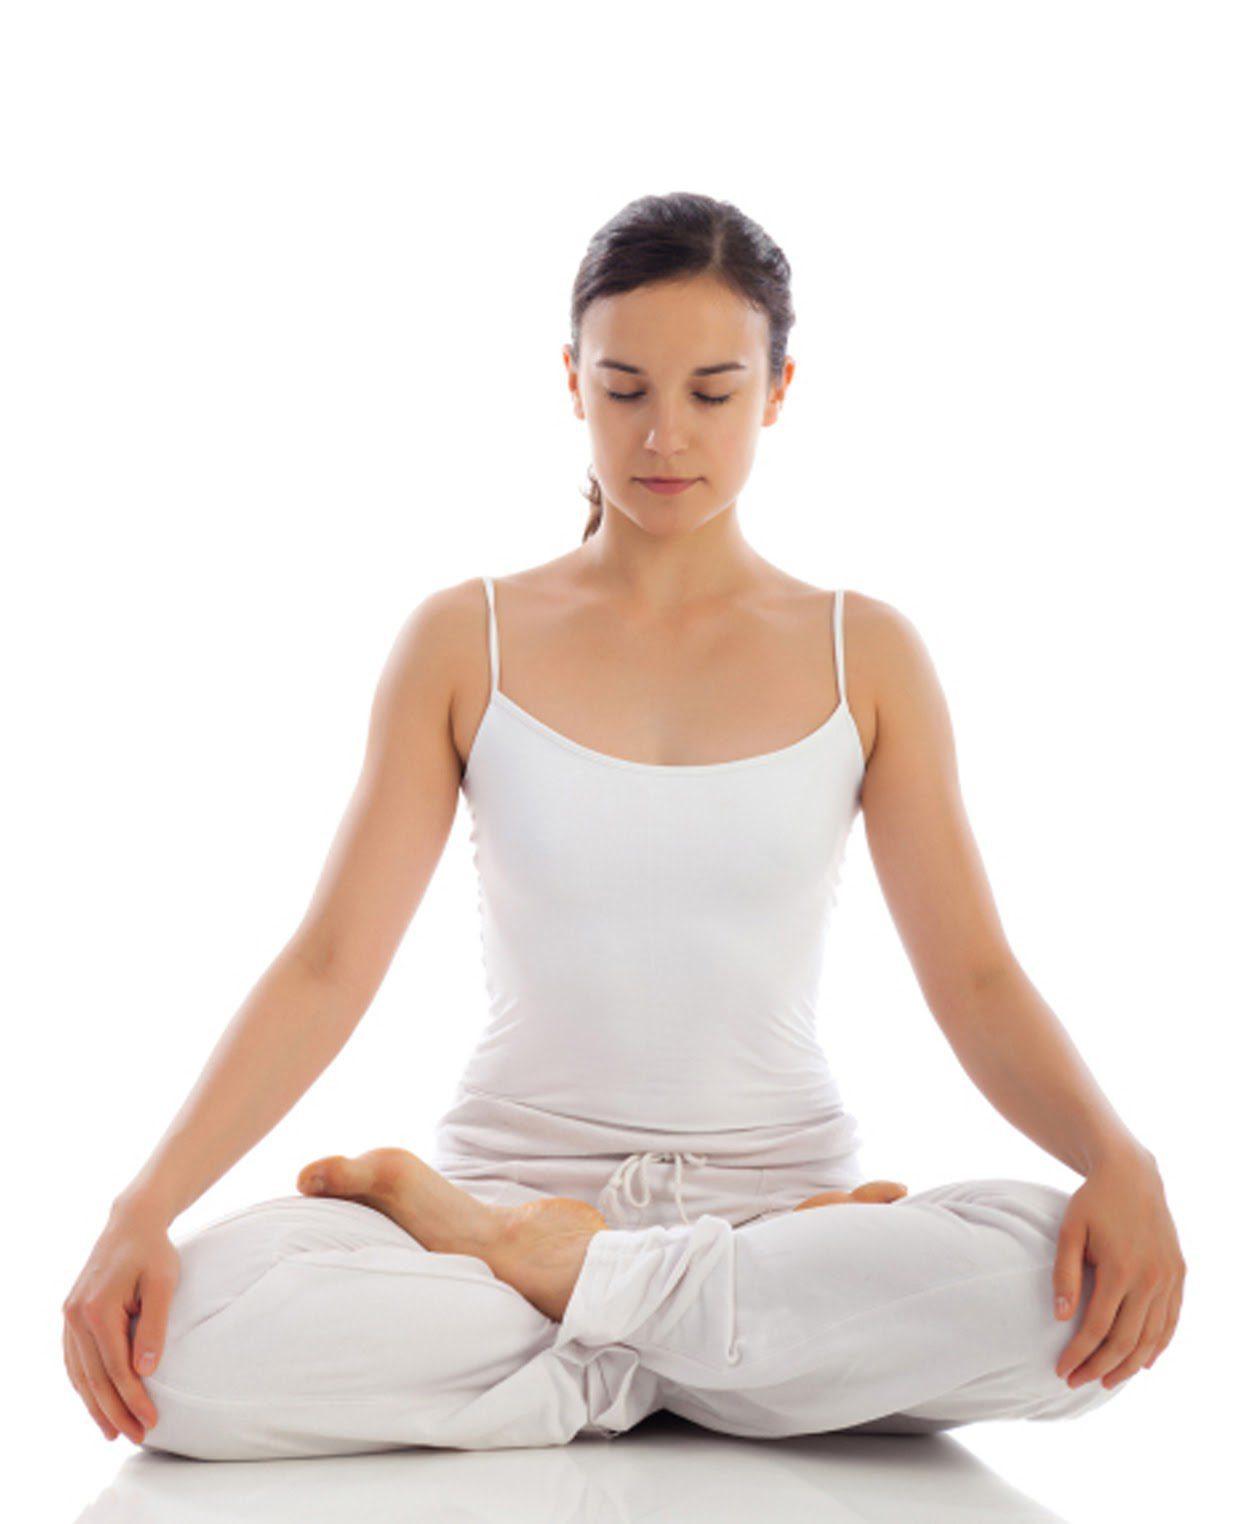 Một trong những tư thế được nhiều người sử dụng nhất trong bộ môn yoga chính là tư thế ngồi kiết già